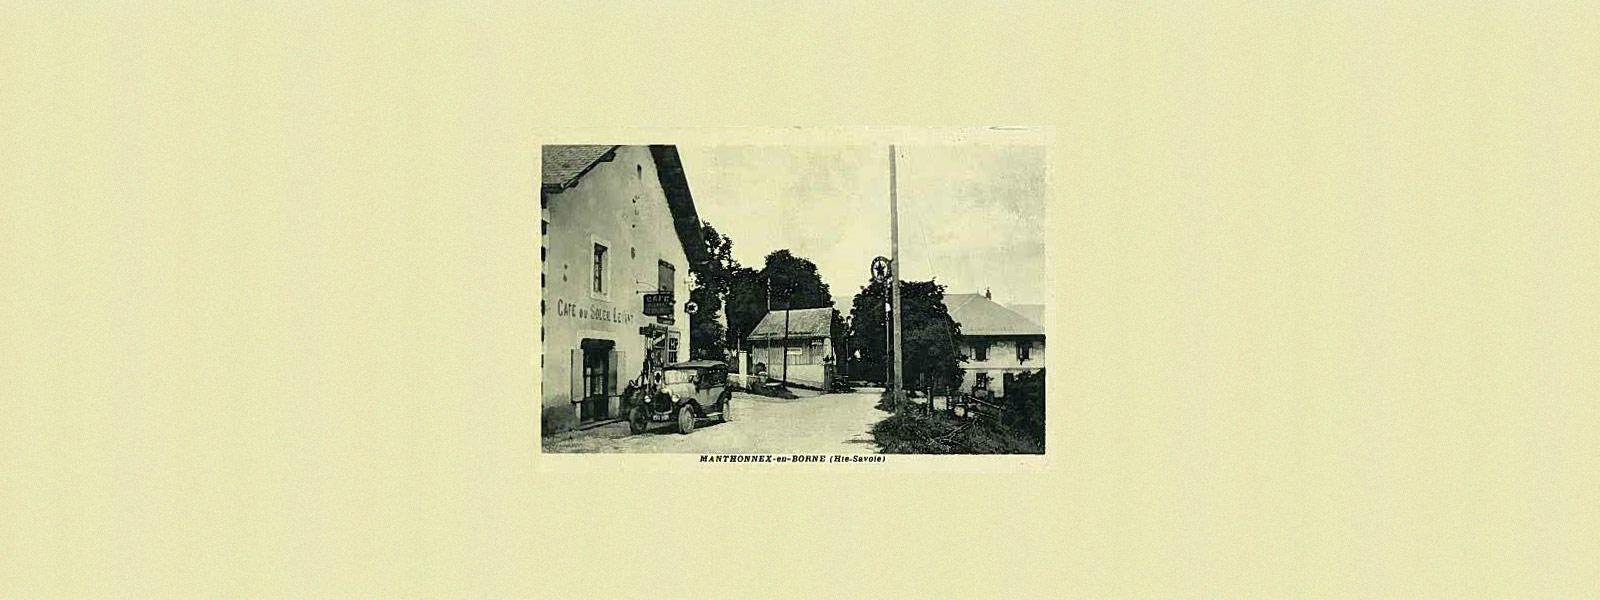 Ancienne carte postale de Menthonnex-en-Bornes